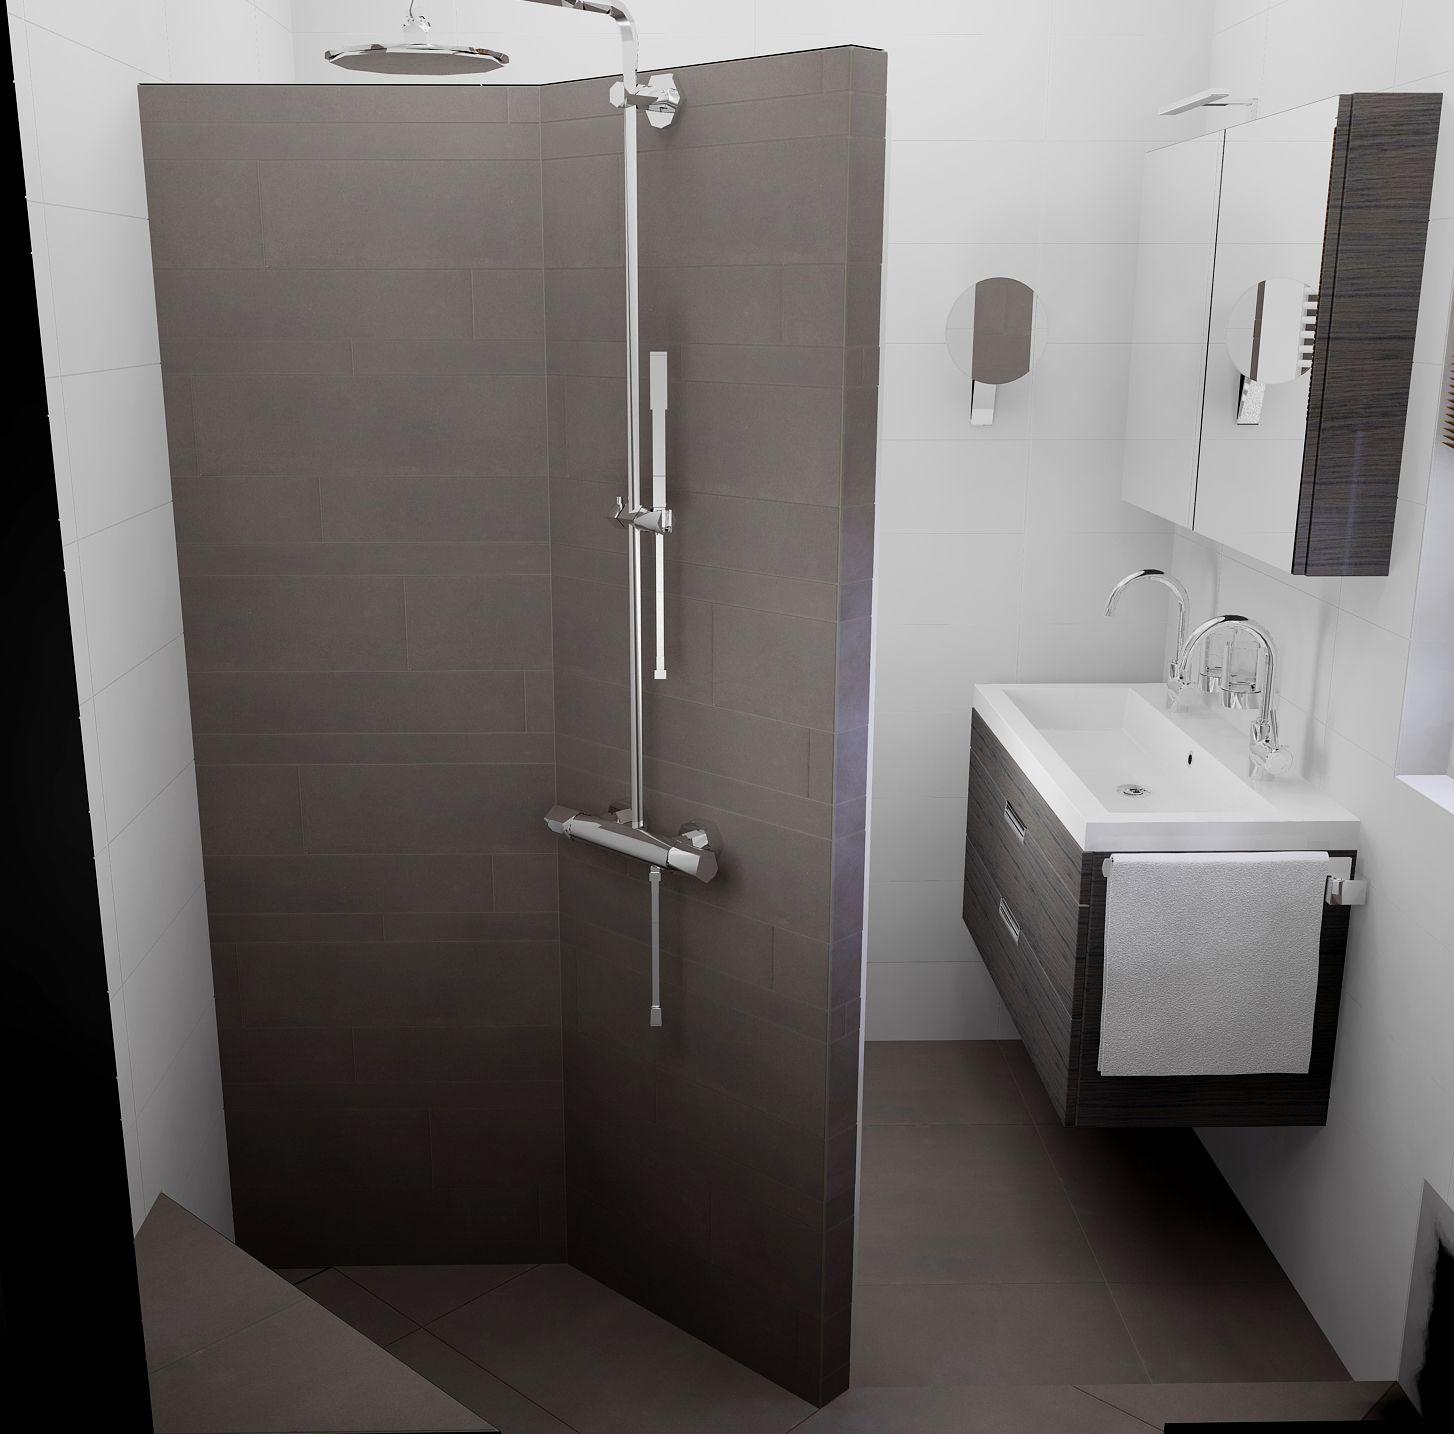 Kleine badkamer van 200x187cm met inloopdouche gratis ontwerpen op sani kleine - Klein badkamer model met douche ...